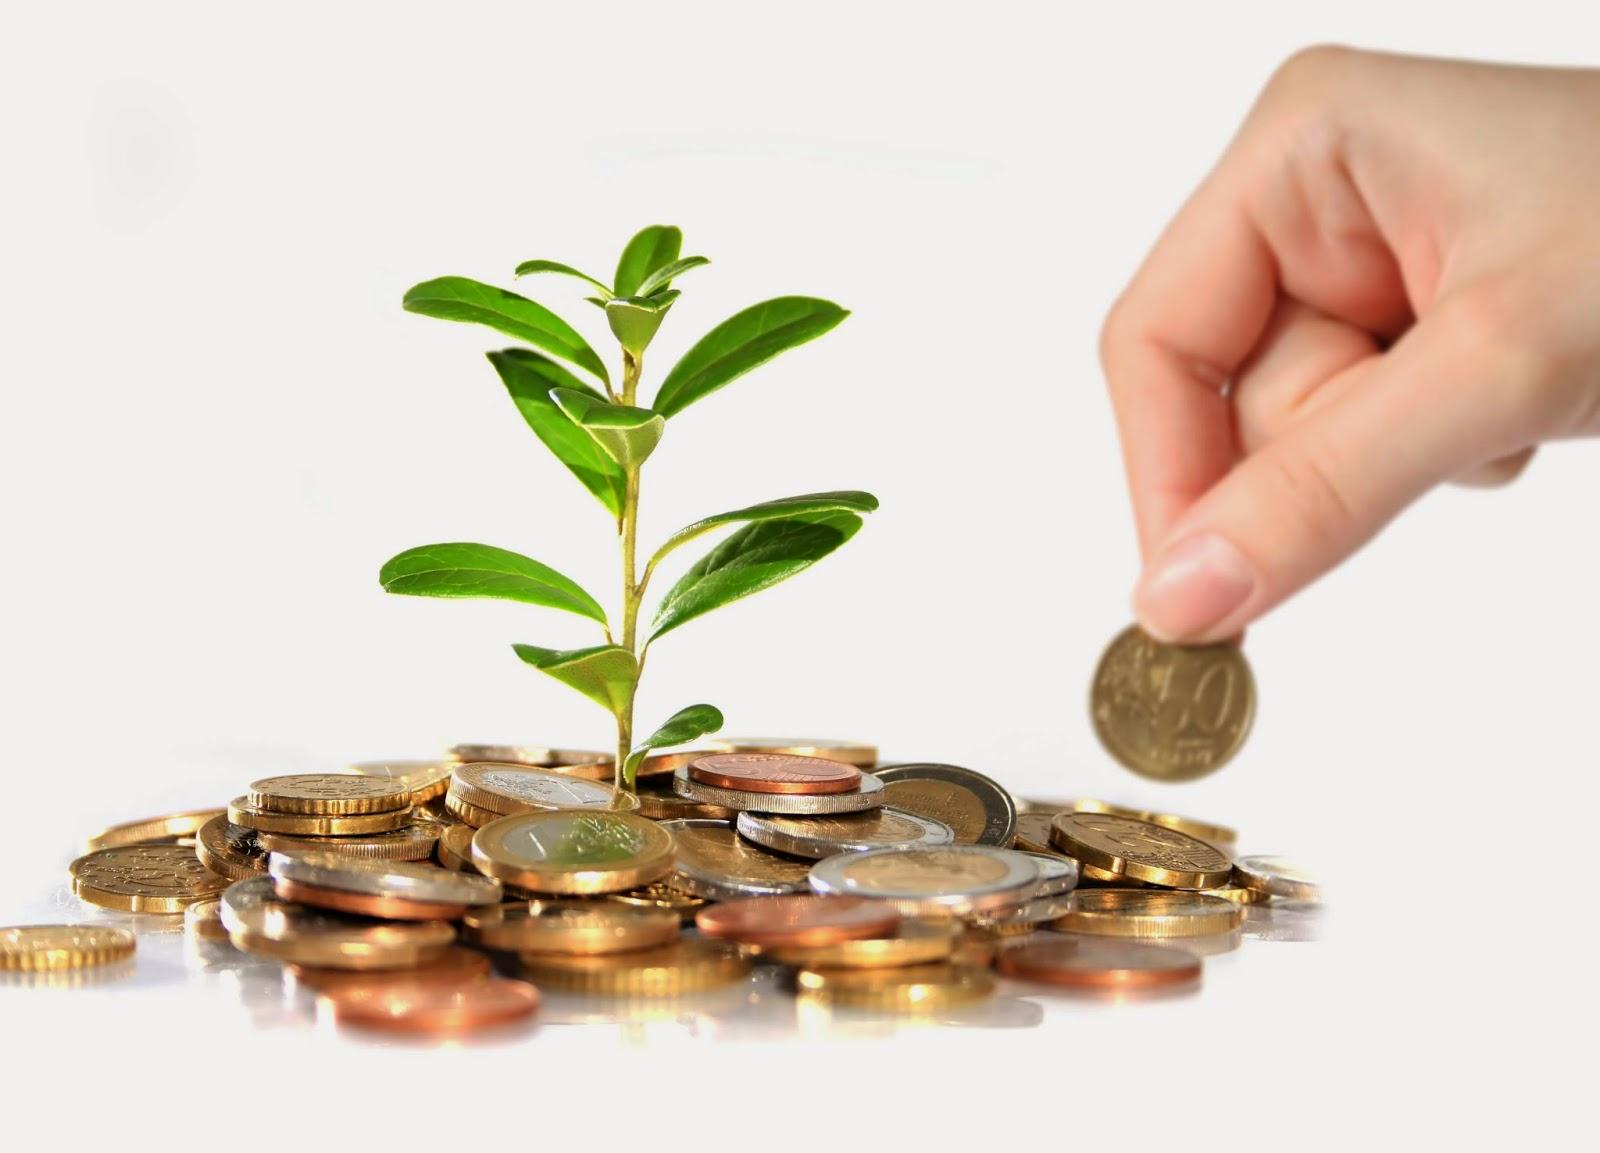 100 ý tưởng khởi nghiệp kinh doanh nhỏ ít vốn tạo ra lãi lớn ( Phần 2)